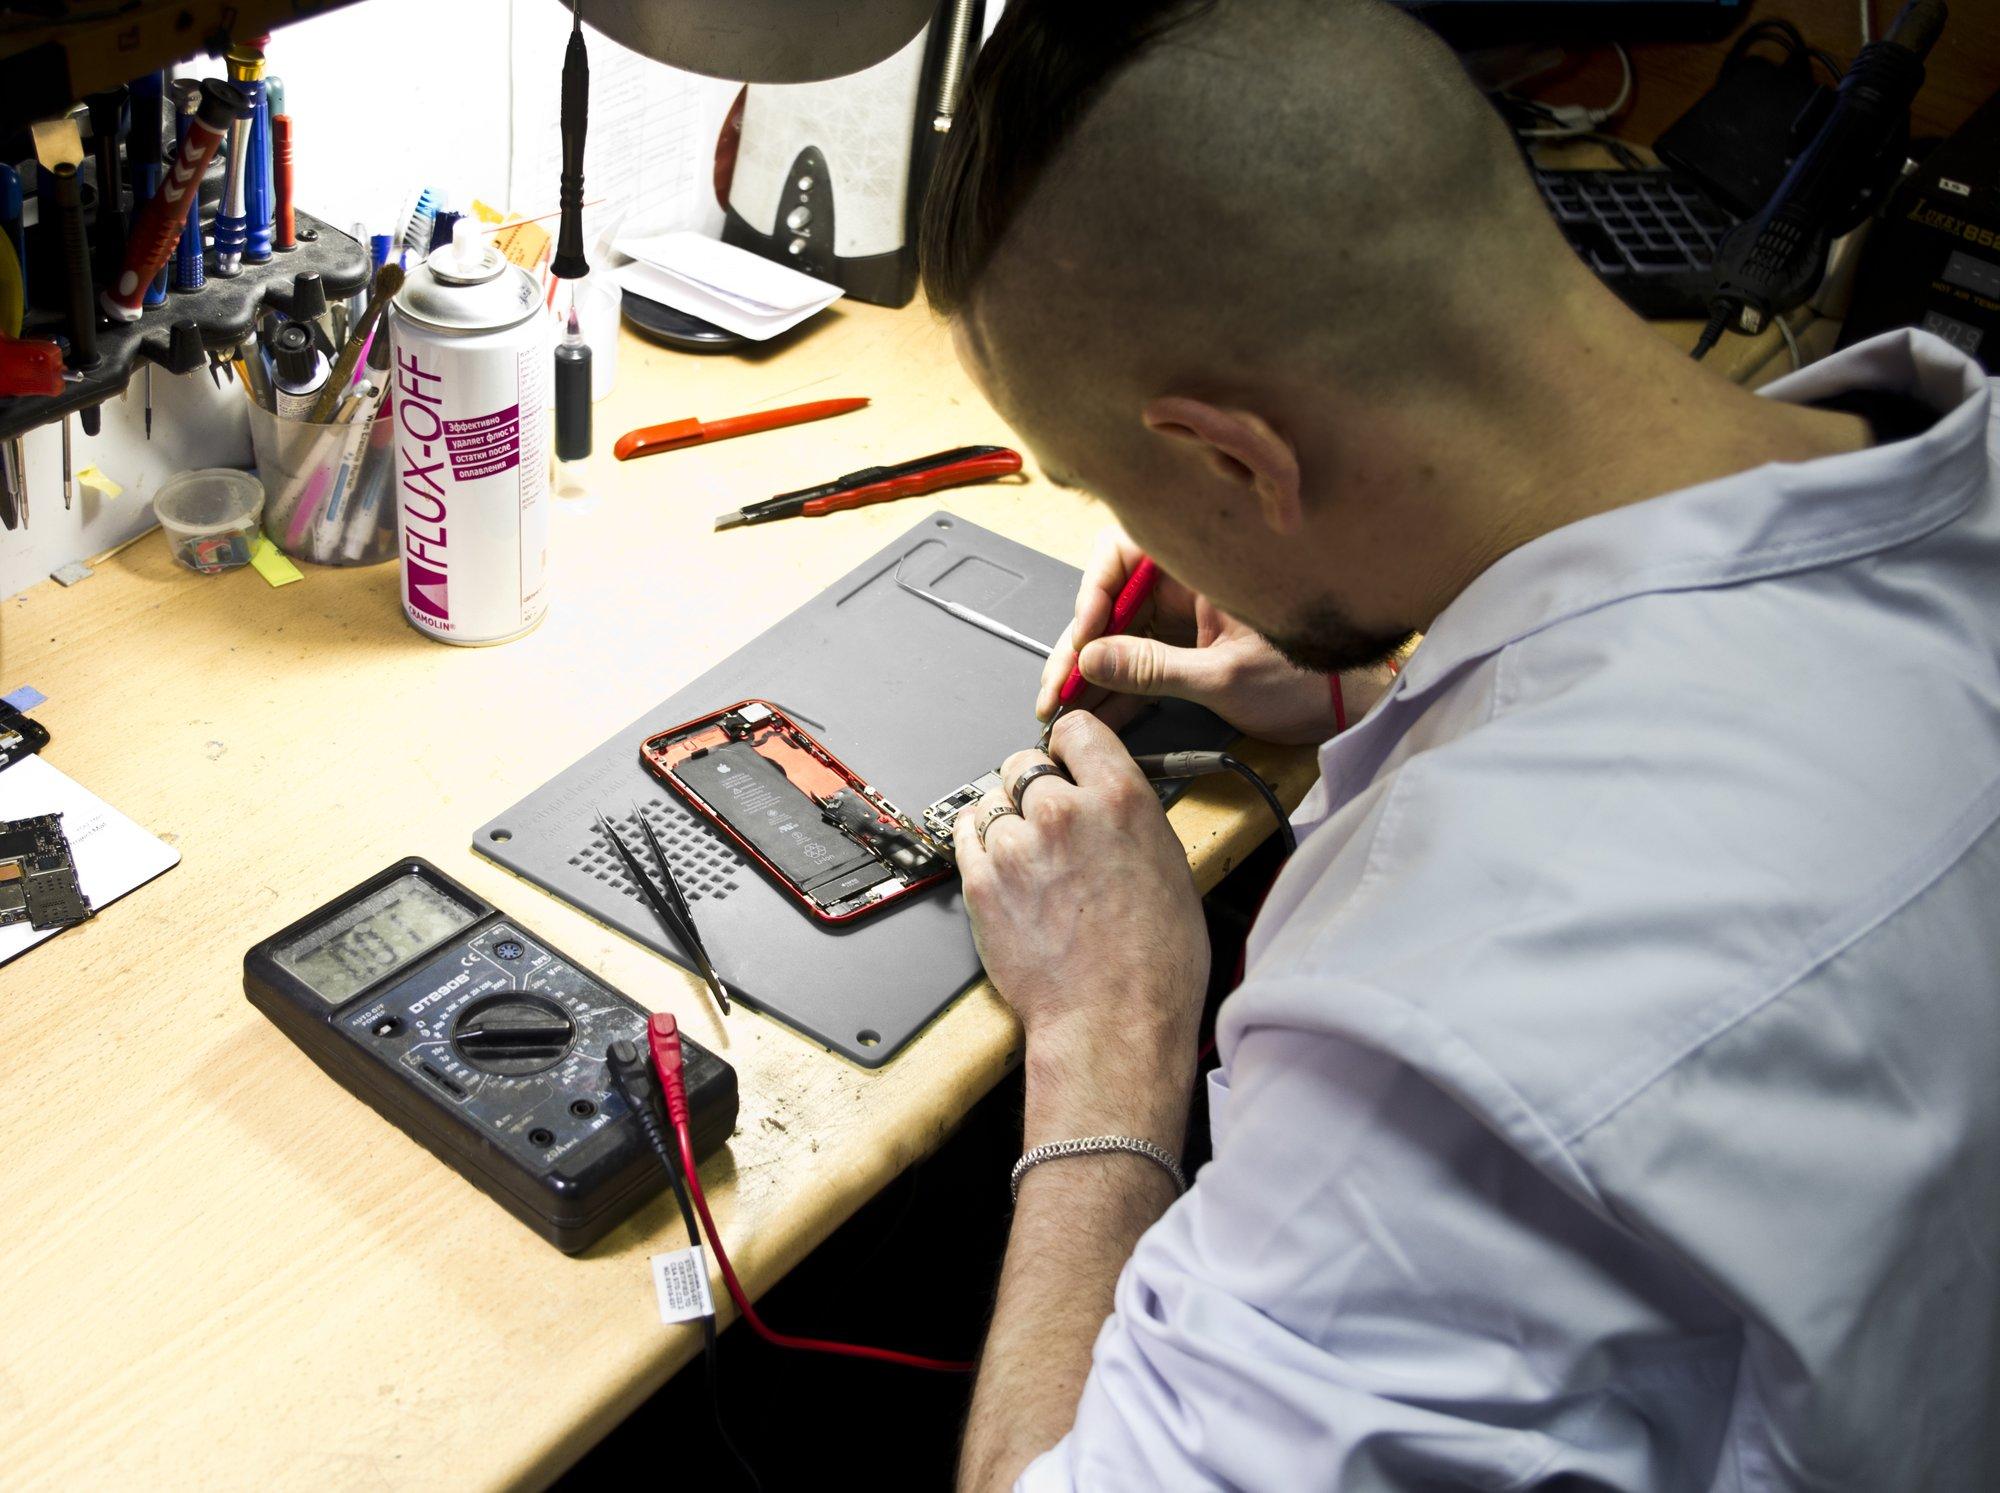 Сервисный центр по ремонту электроники в центре